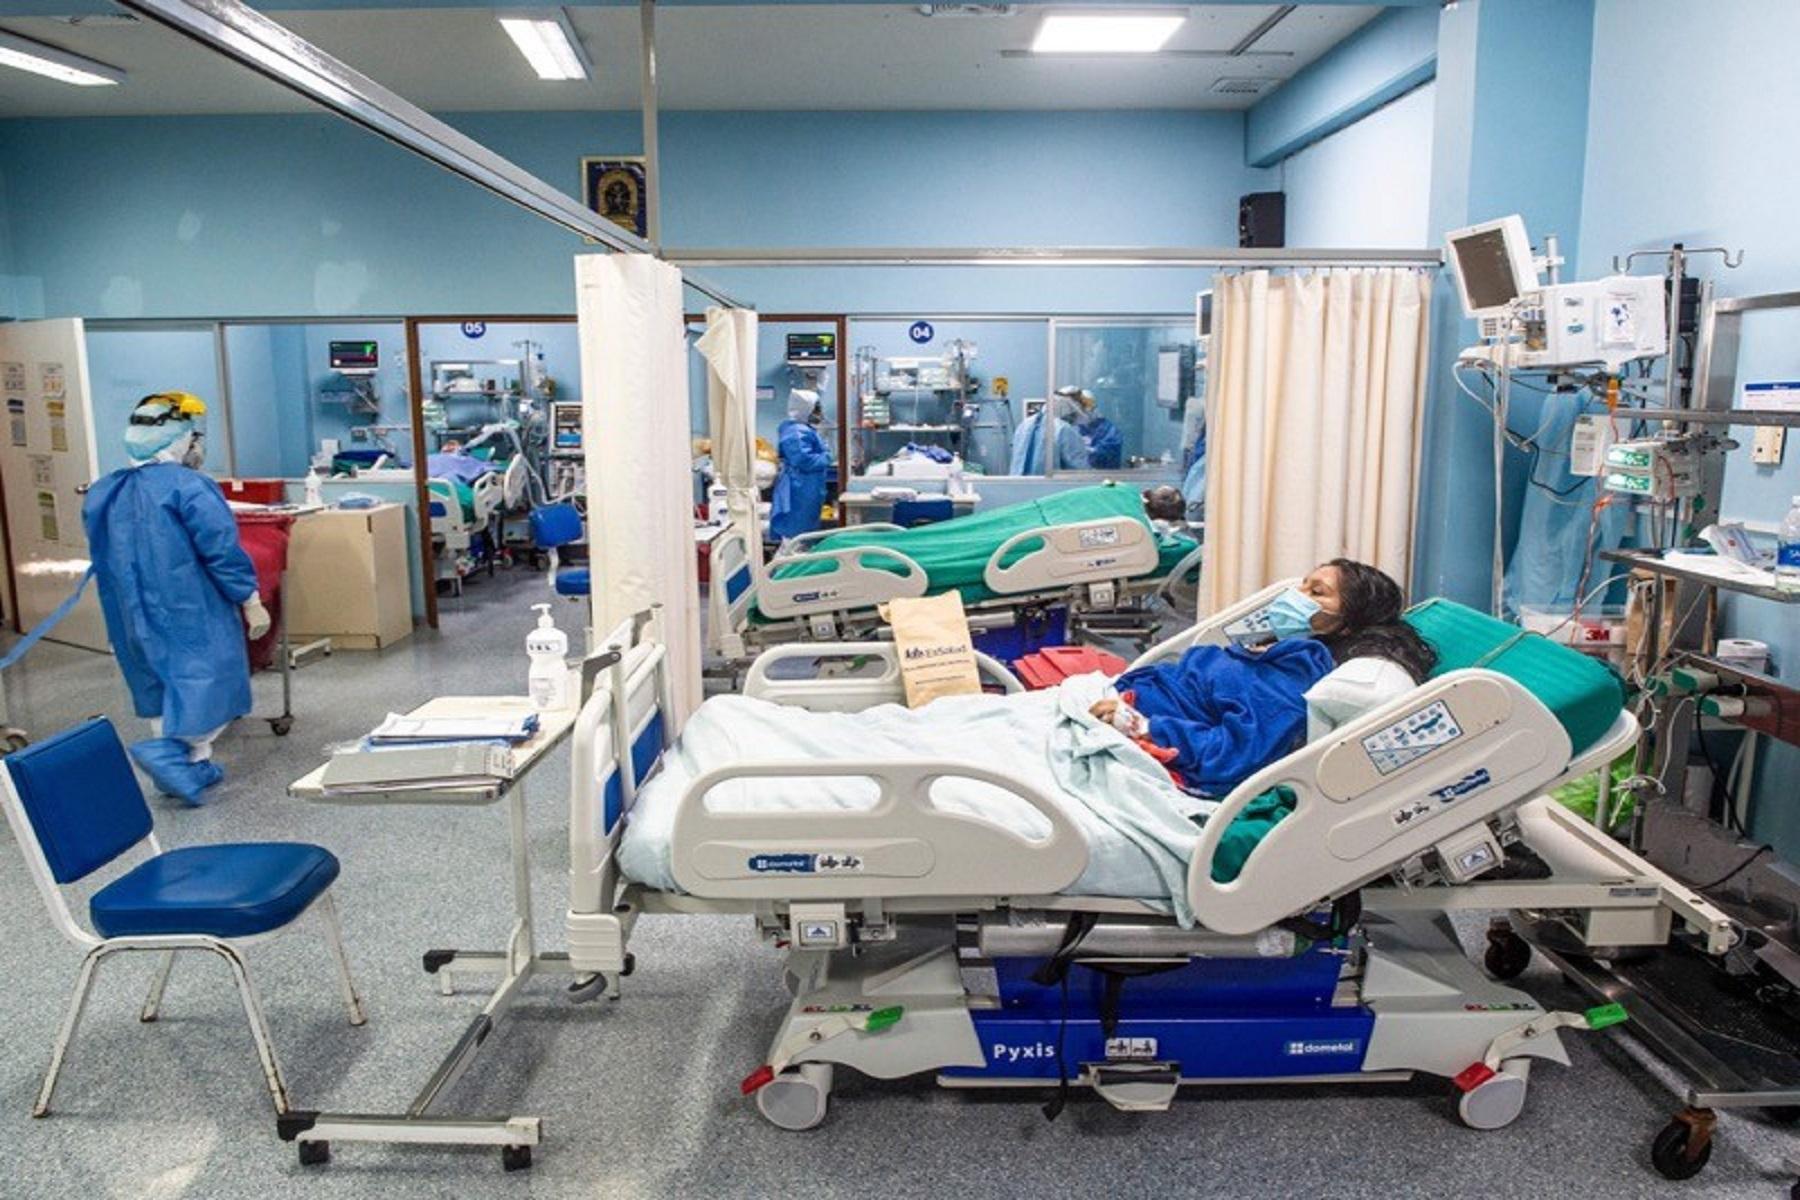 Έρευνα Covid: Λειτουργική μείωση μετά την παραμονή στο νοσοκομείο παρουσιάζουν σχεδόν οι μισοί από τους ασθενείς